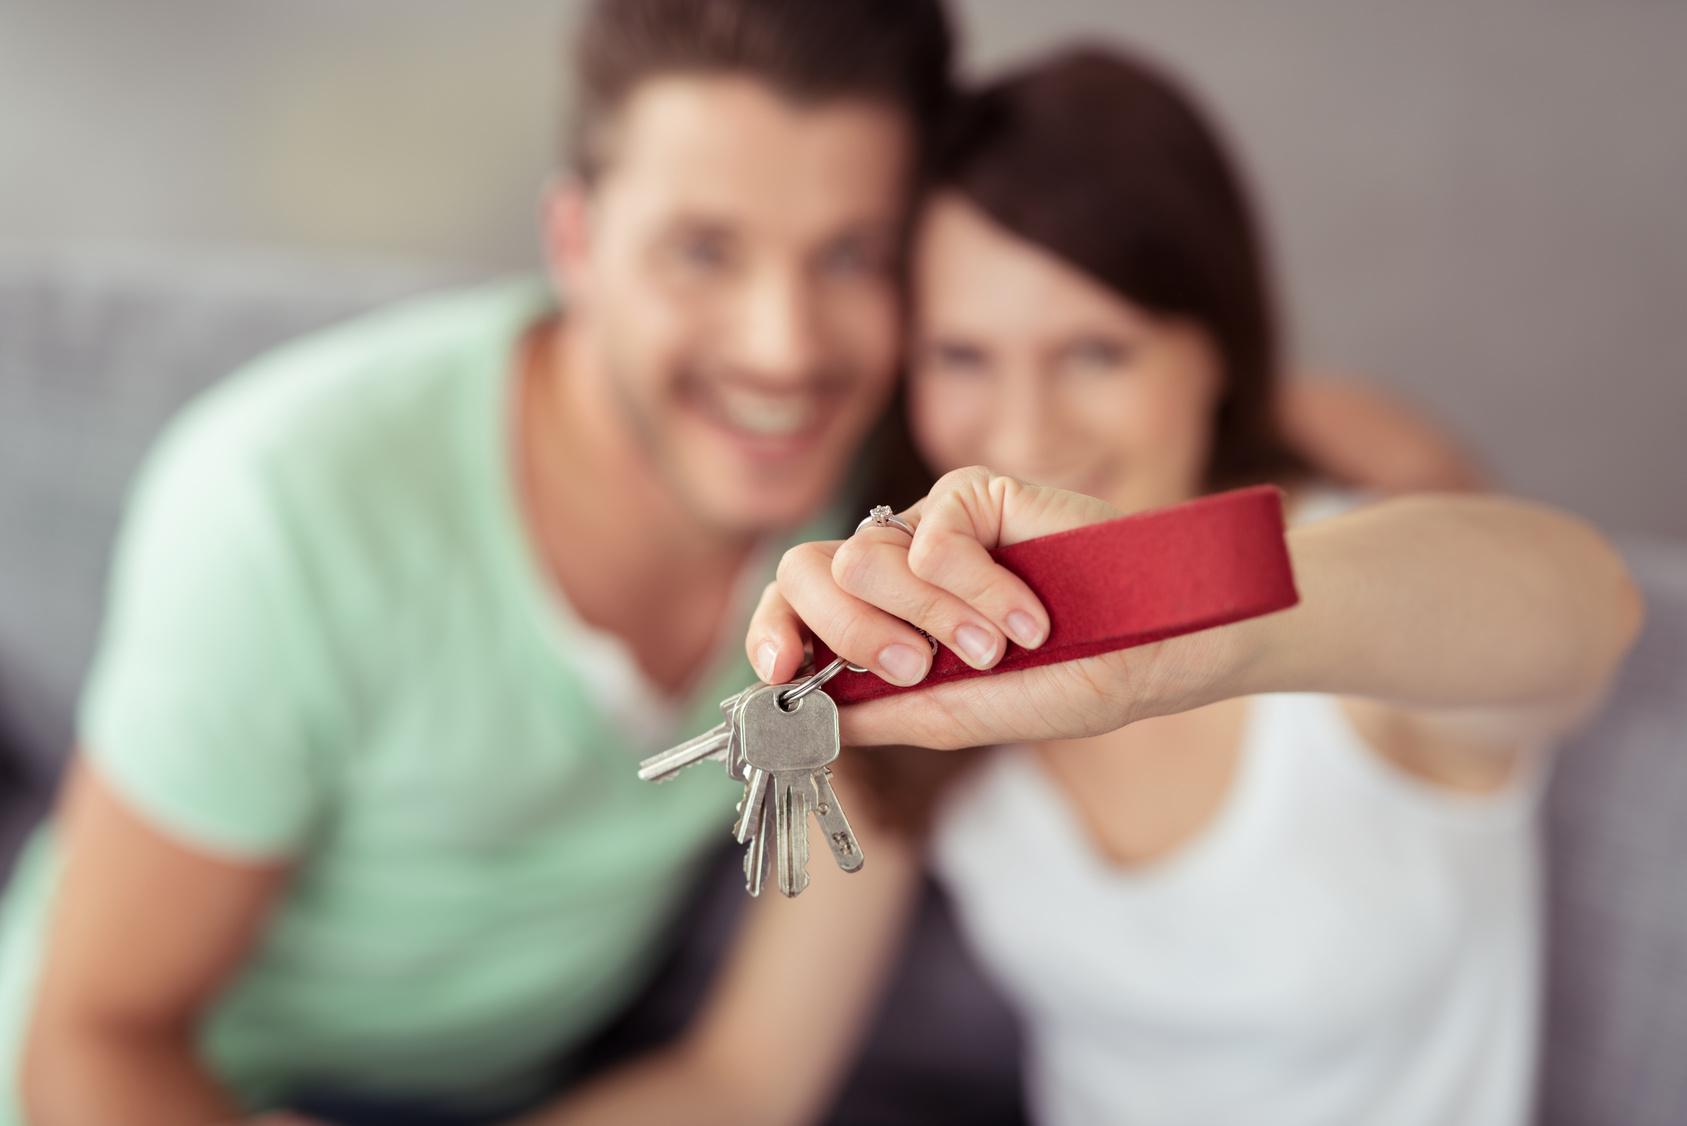 Creafin-achat-premier-logement-pret-hypothecaire